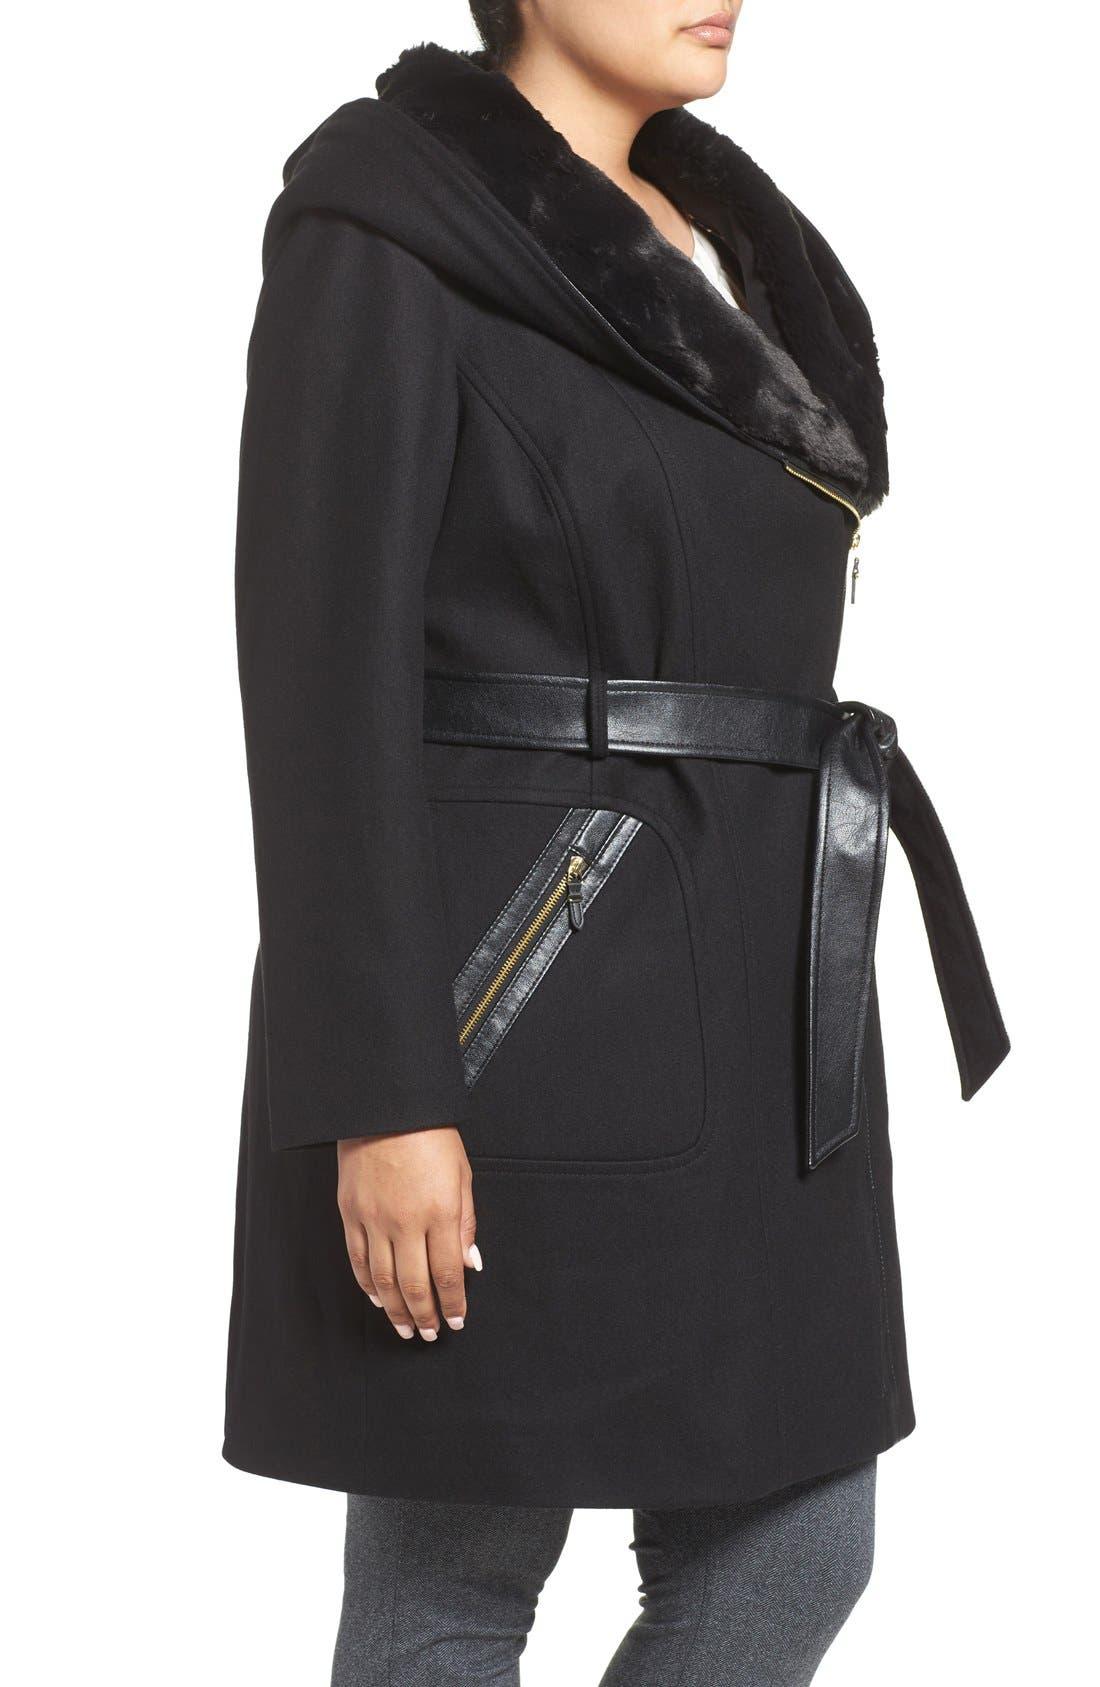 VIA SPIGA, Wool Blend Coat with Faux Fur Trim, Alternate thumbnail 3, color, 001